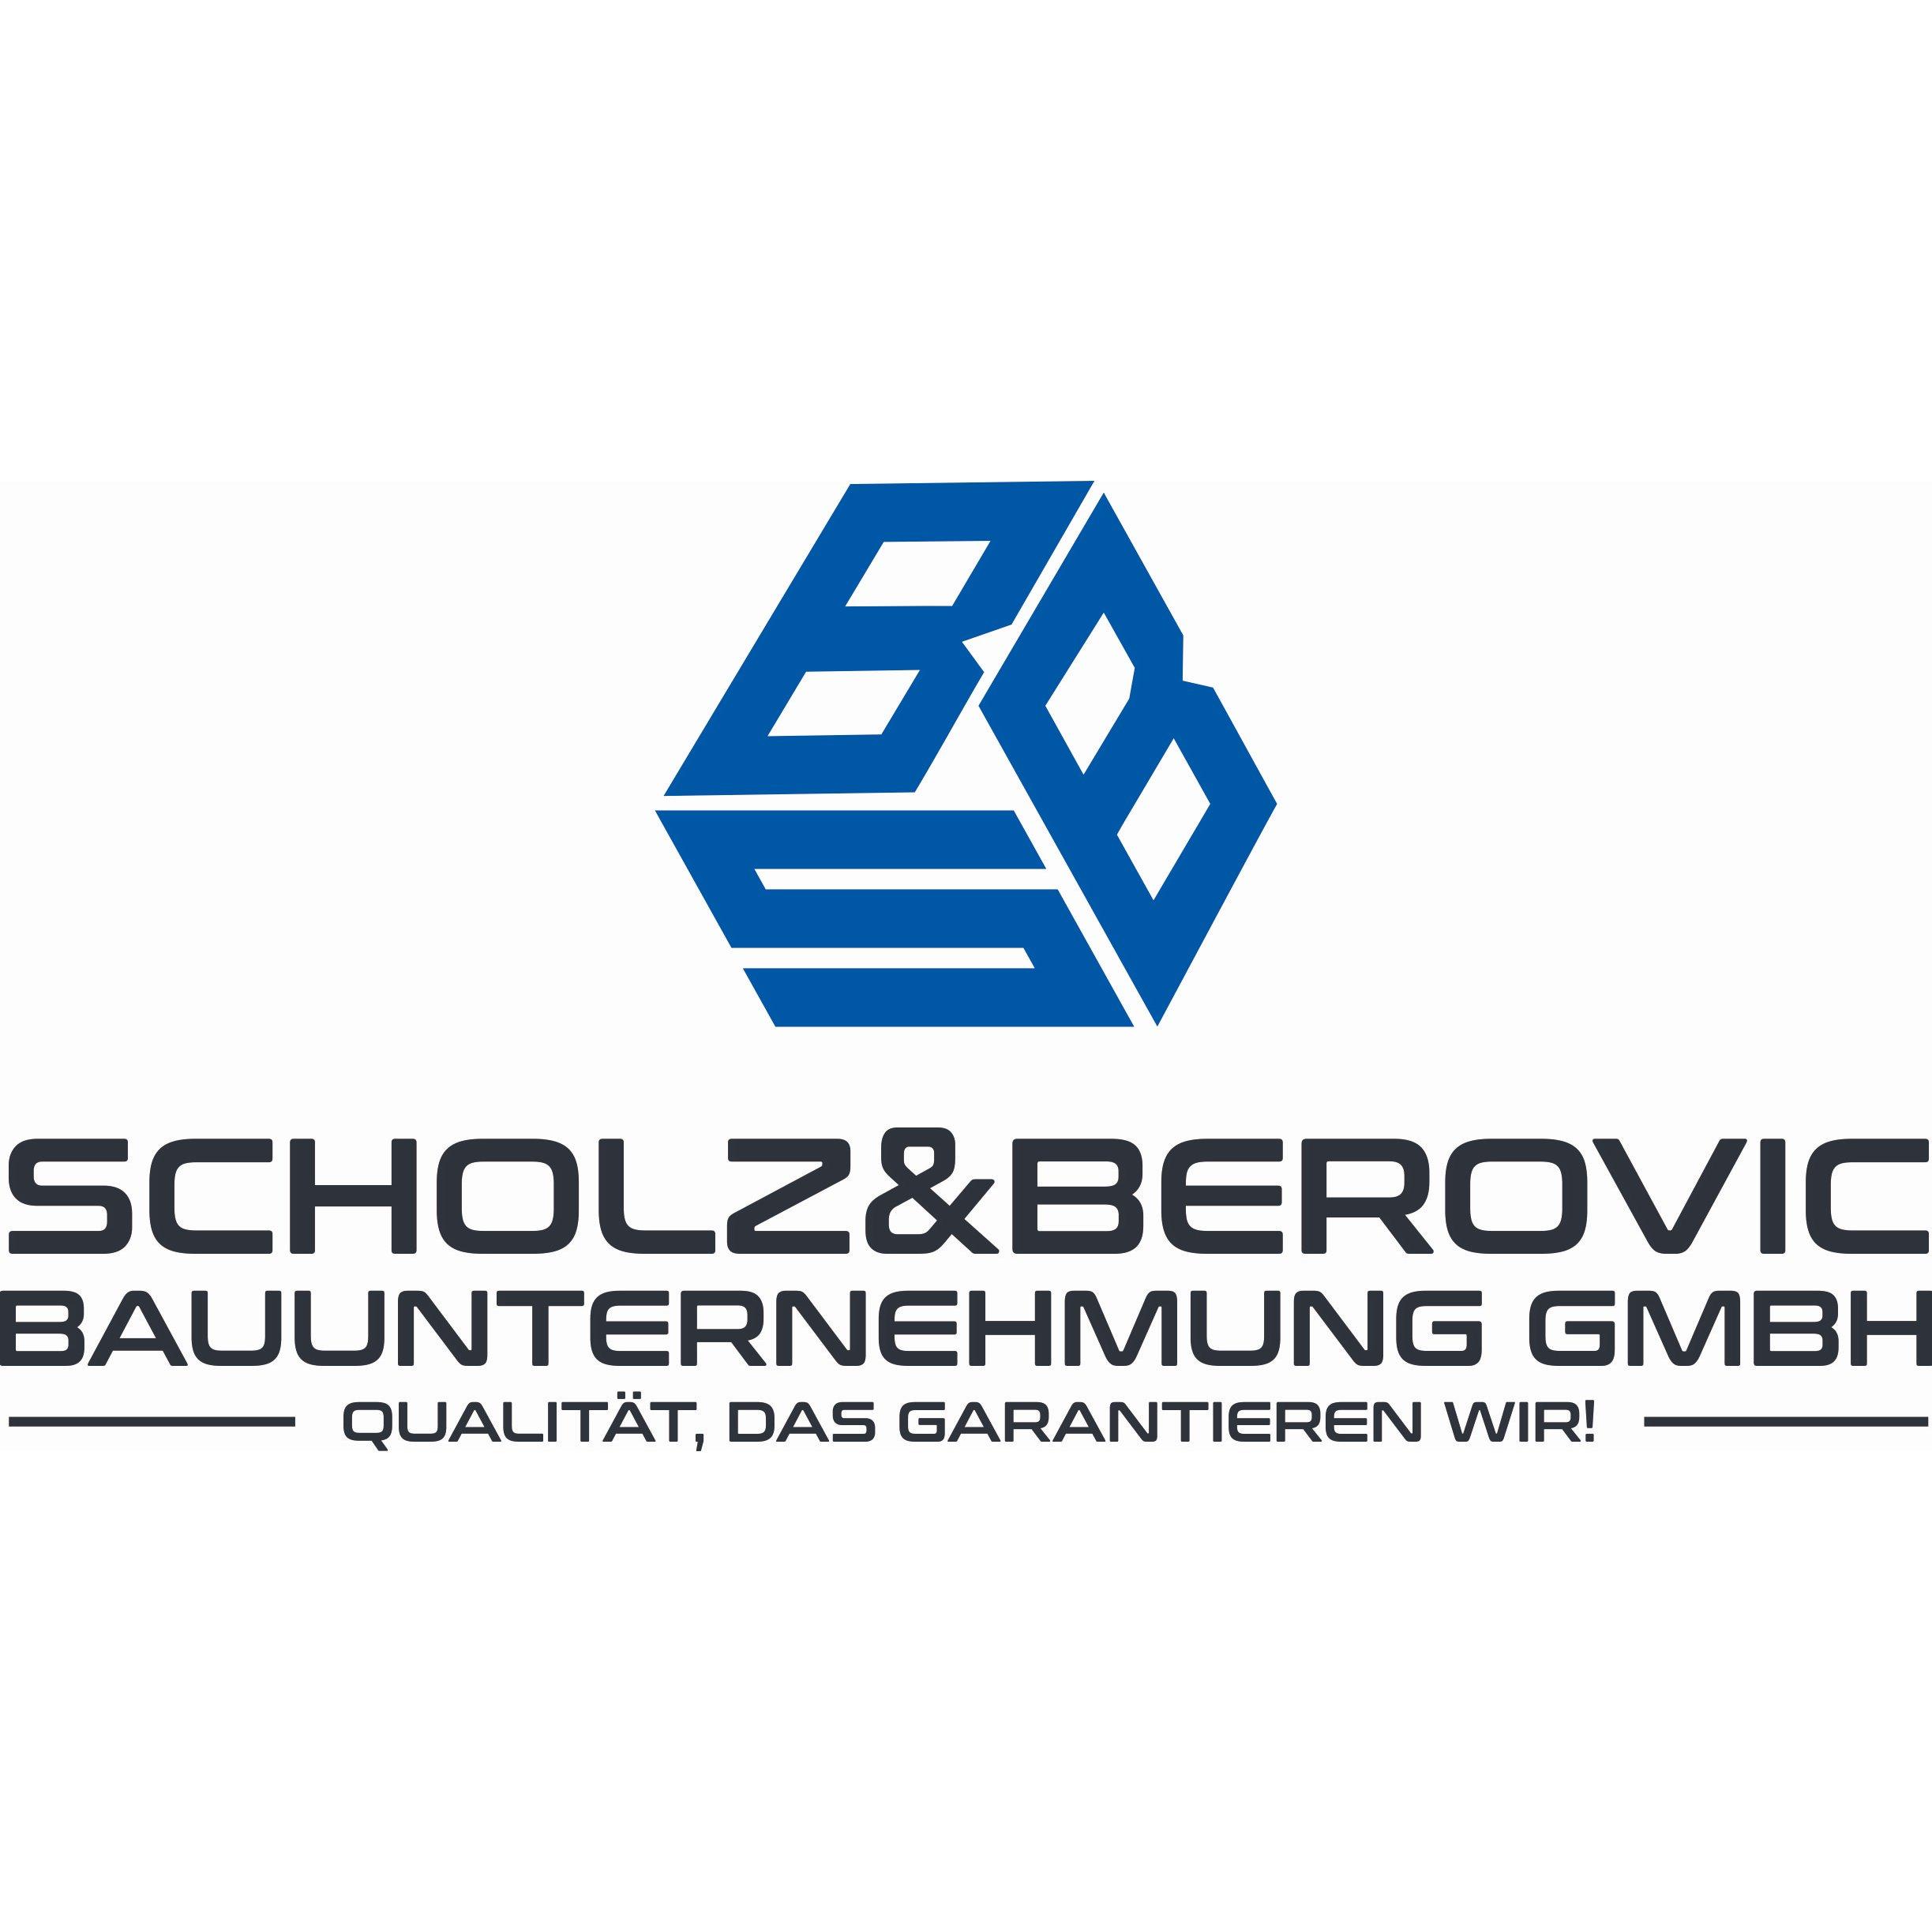 Bild zu Scholz&Berovic Bauunternehmung GmbH in Neckarsulm